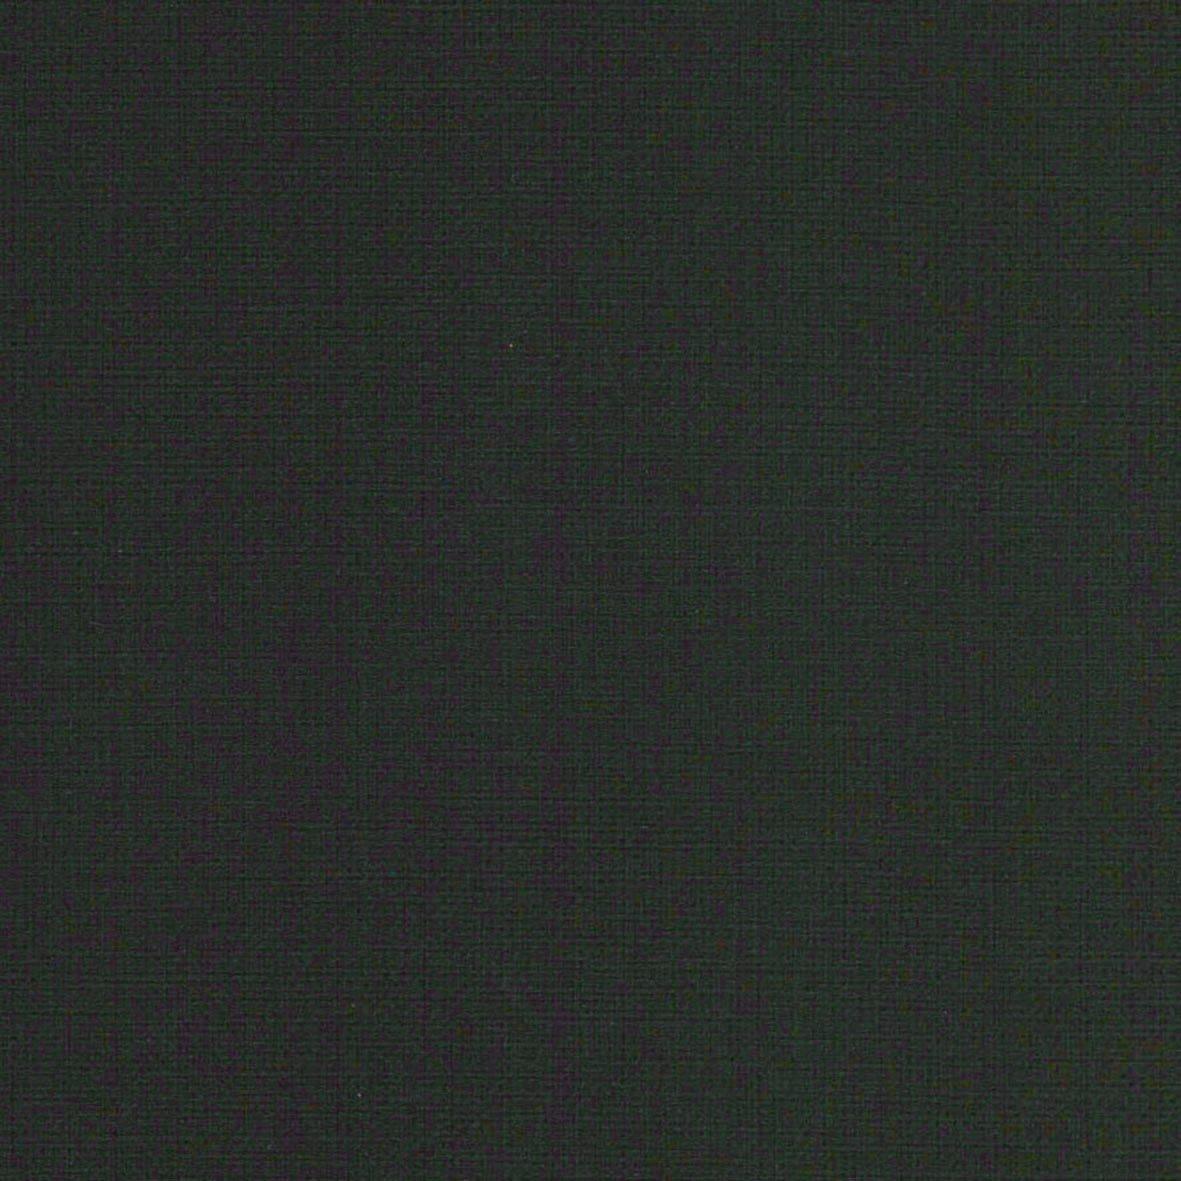 リリカラ 壁紙26m シンフル 無地 ブラック LL-8727 B01MXHQEFR 26m,ブラック